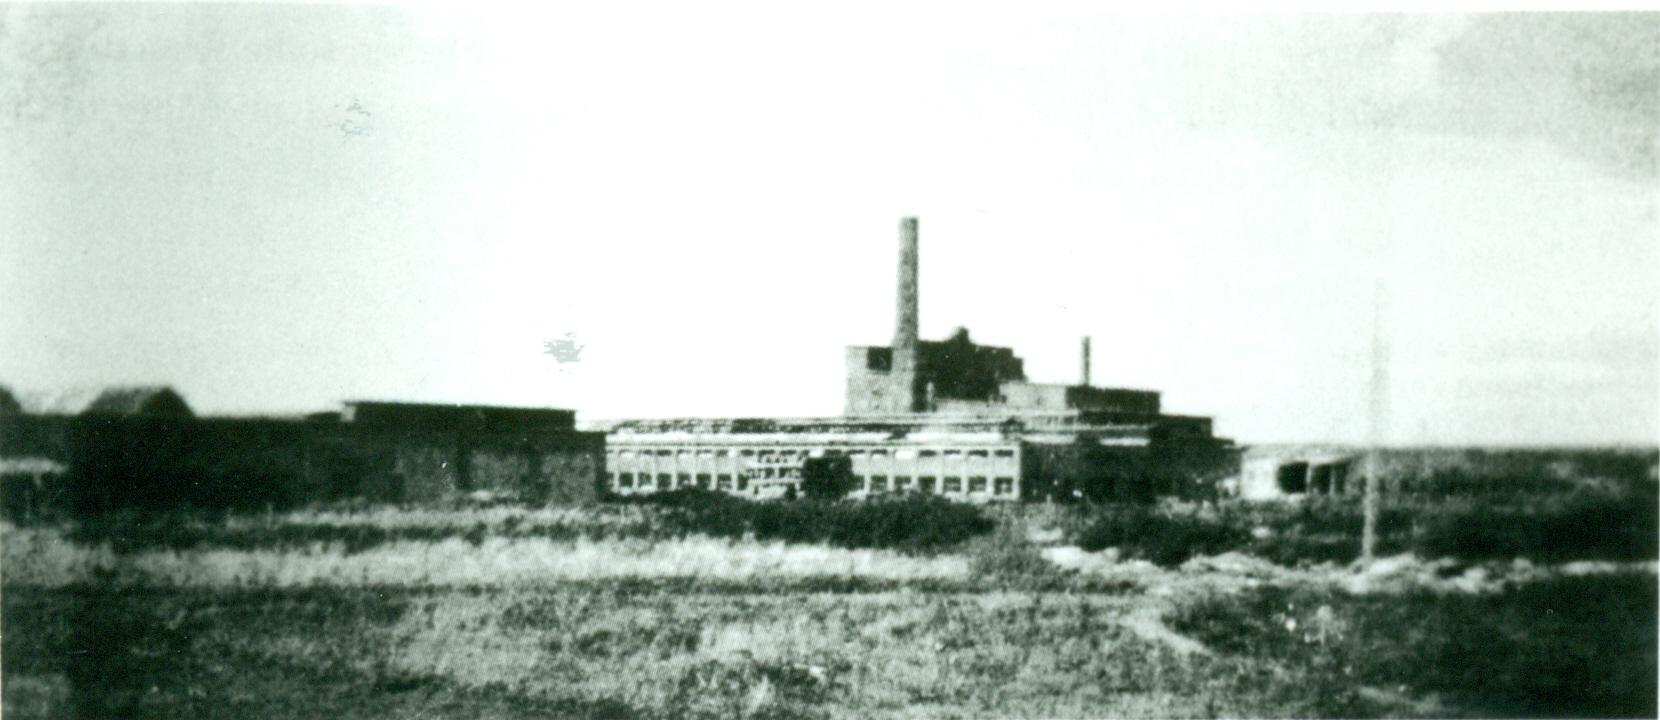 Fabrique d'accumulateurs à Hanovre - Cultea